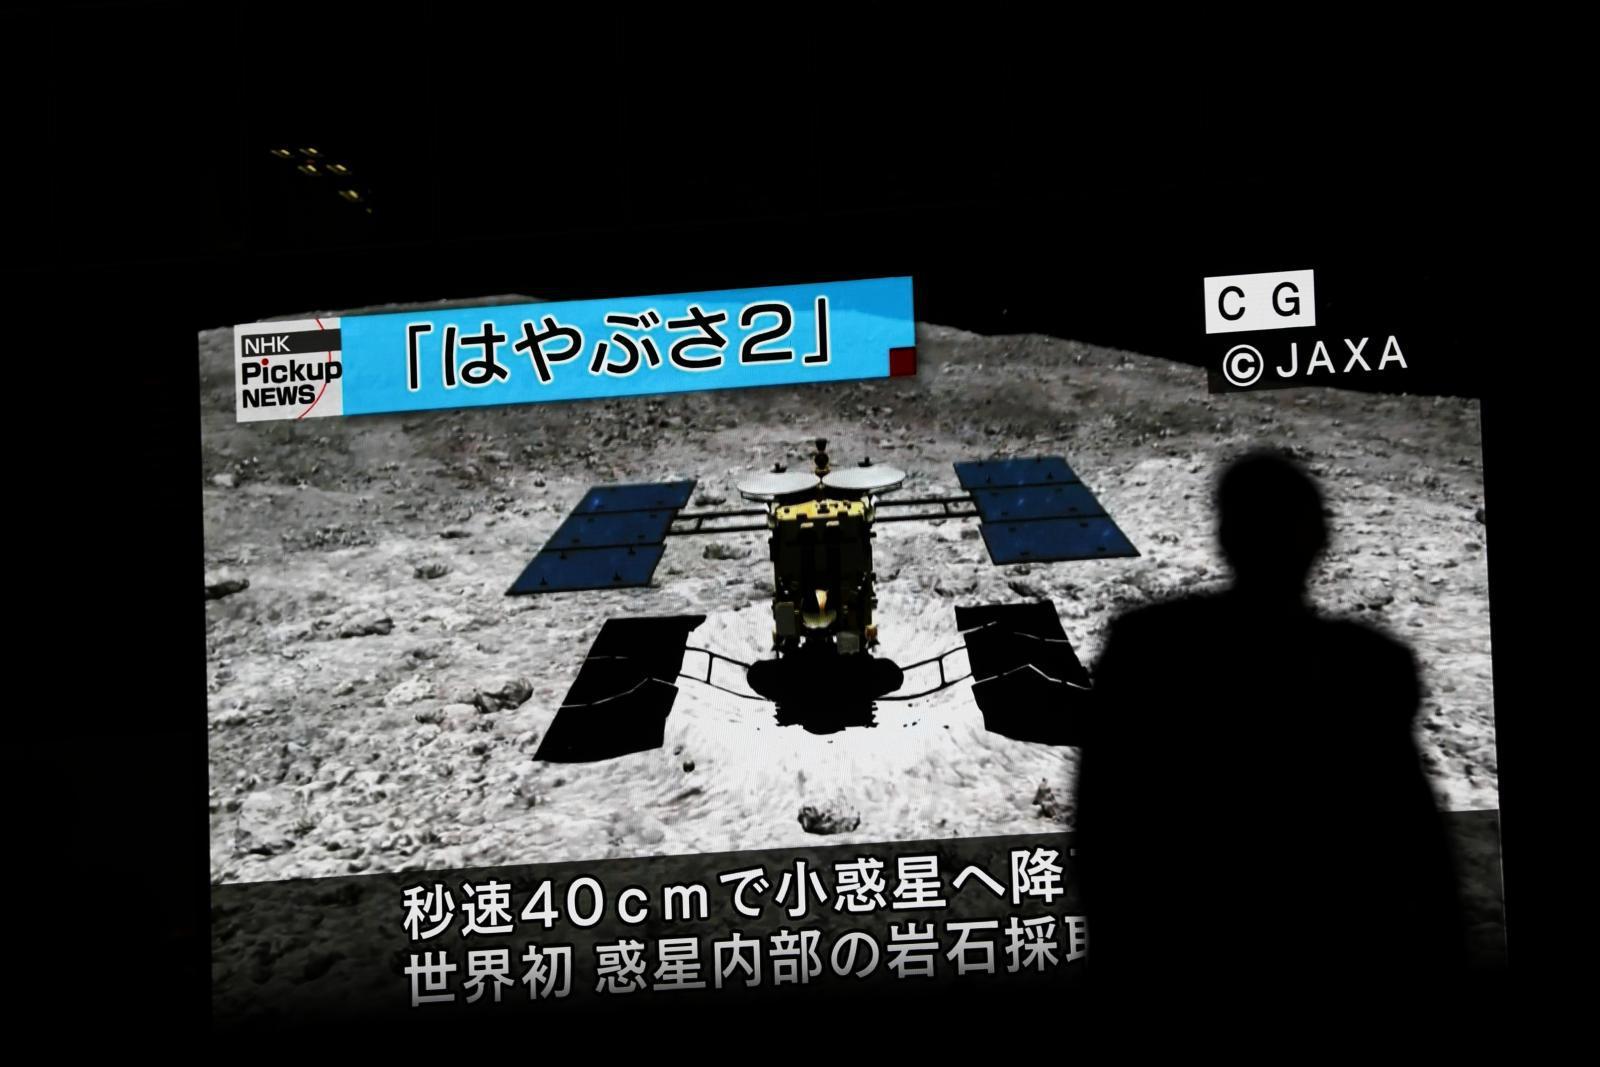 """""""ฮายาบูสะ 2"""" เดินทางกลับวันนี้ ถึงโลกปี 2020 หลังสำรวจดาวเคราะห์น้อย """"ริวกุ"""""""